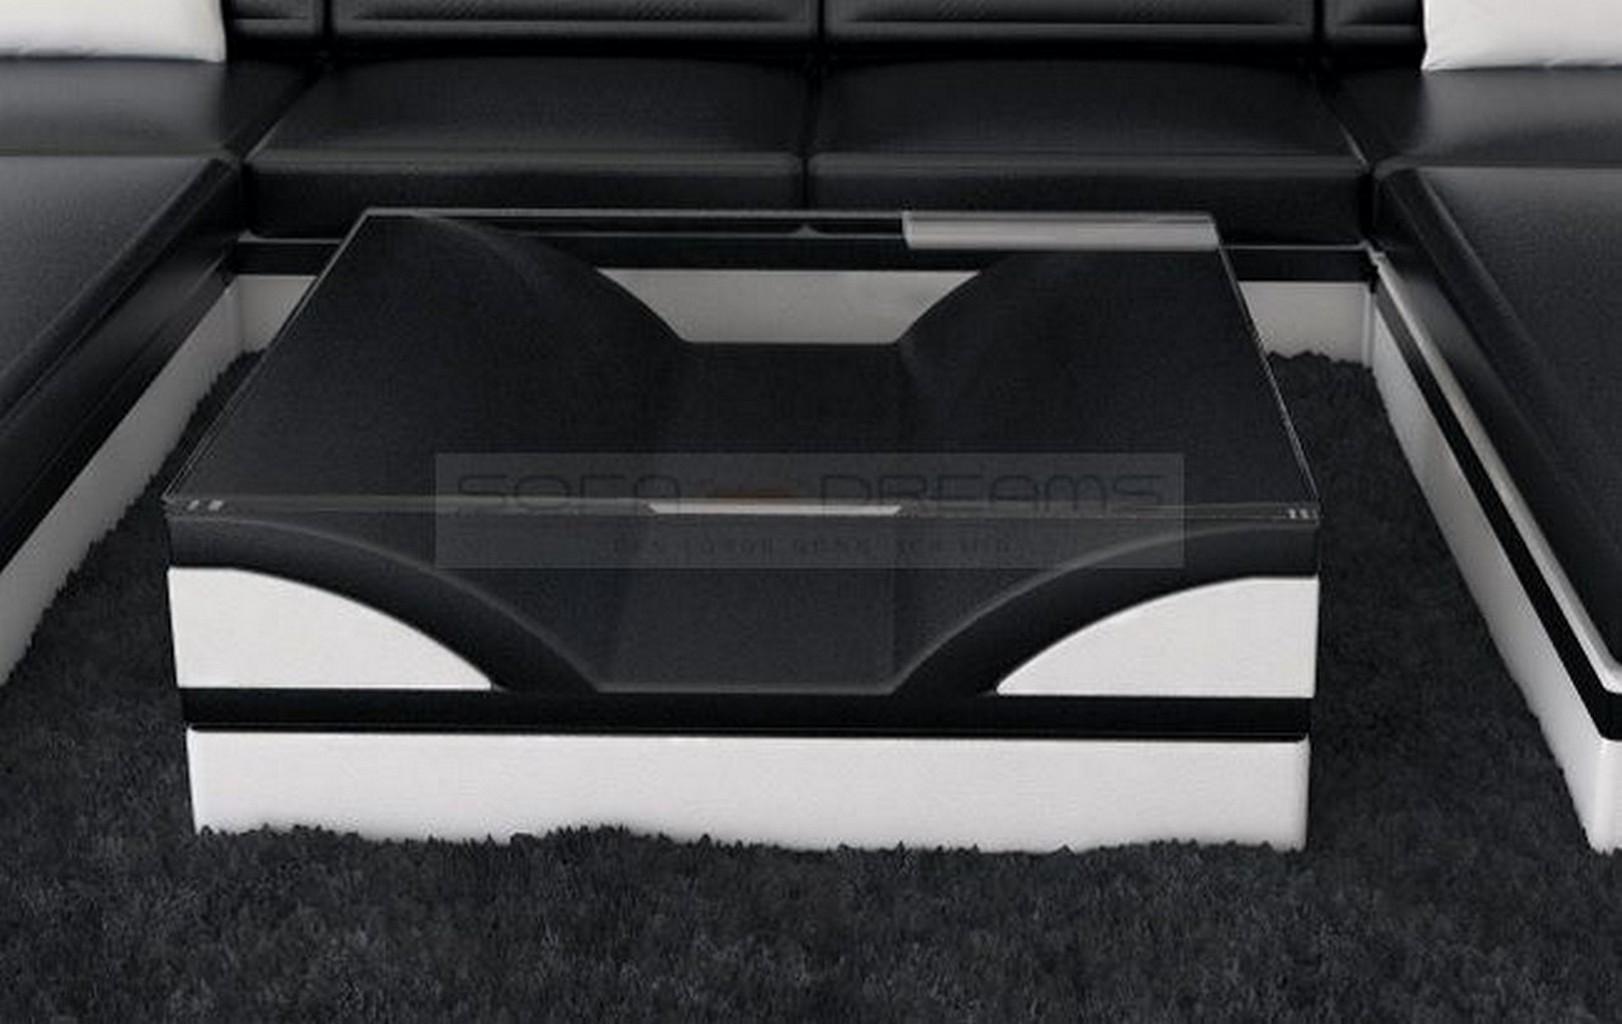 designertisch couchtisch monza beistelltisch wohnzimmertisch verschiedene farben ebay. Black Bedroom Furniture Sets. Home Design Ideas